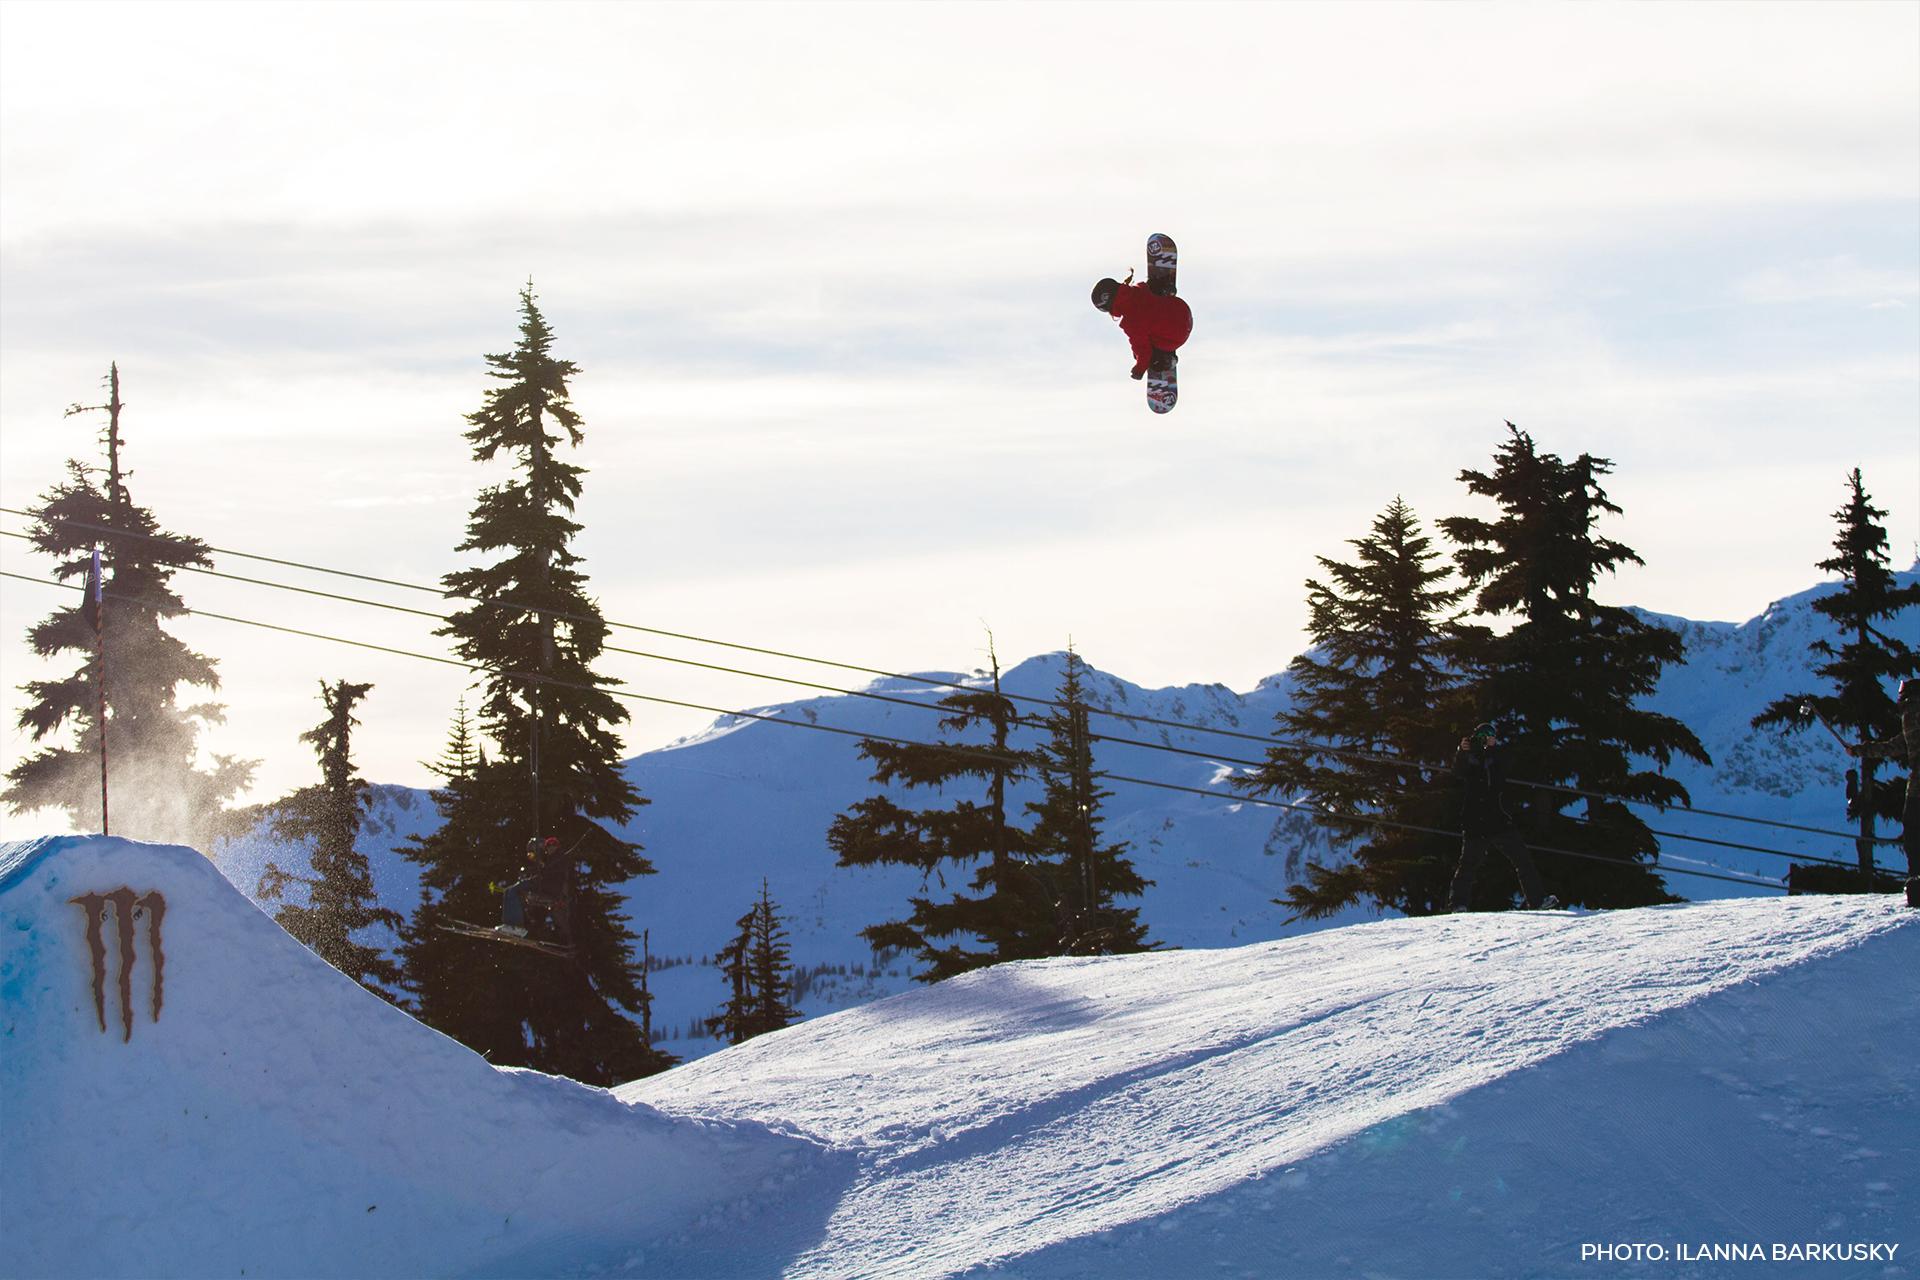 Jenna Blasman - Canada Snowboard